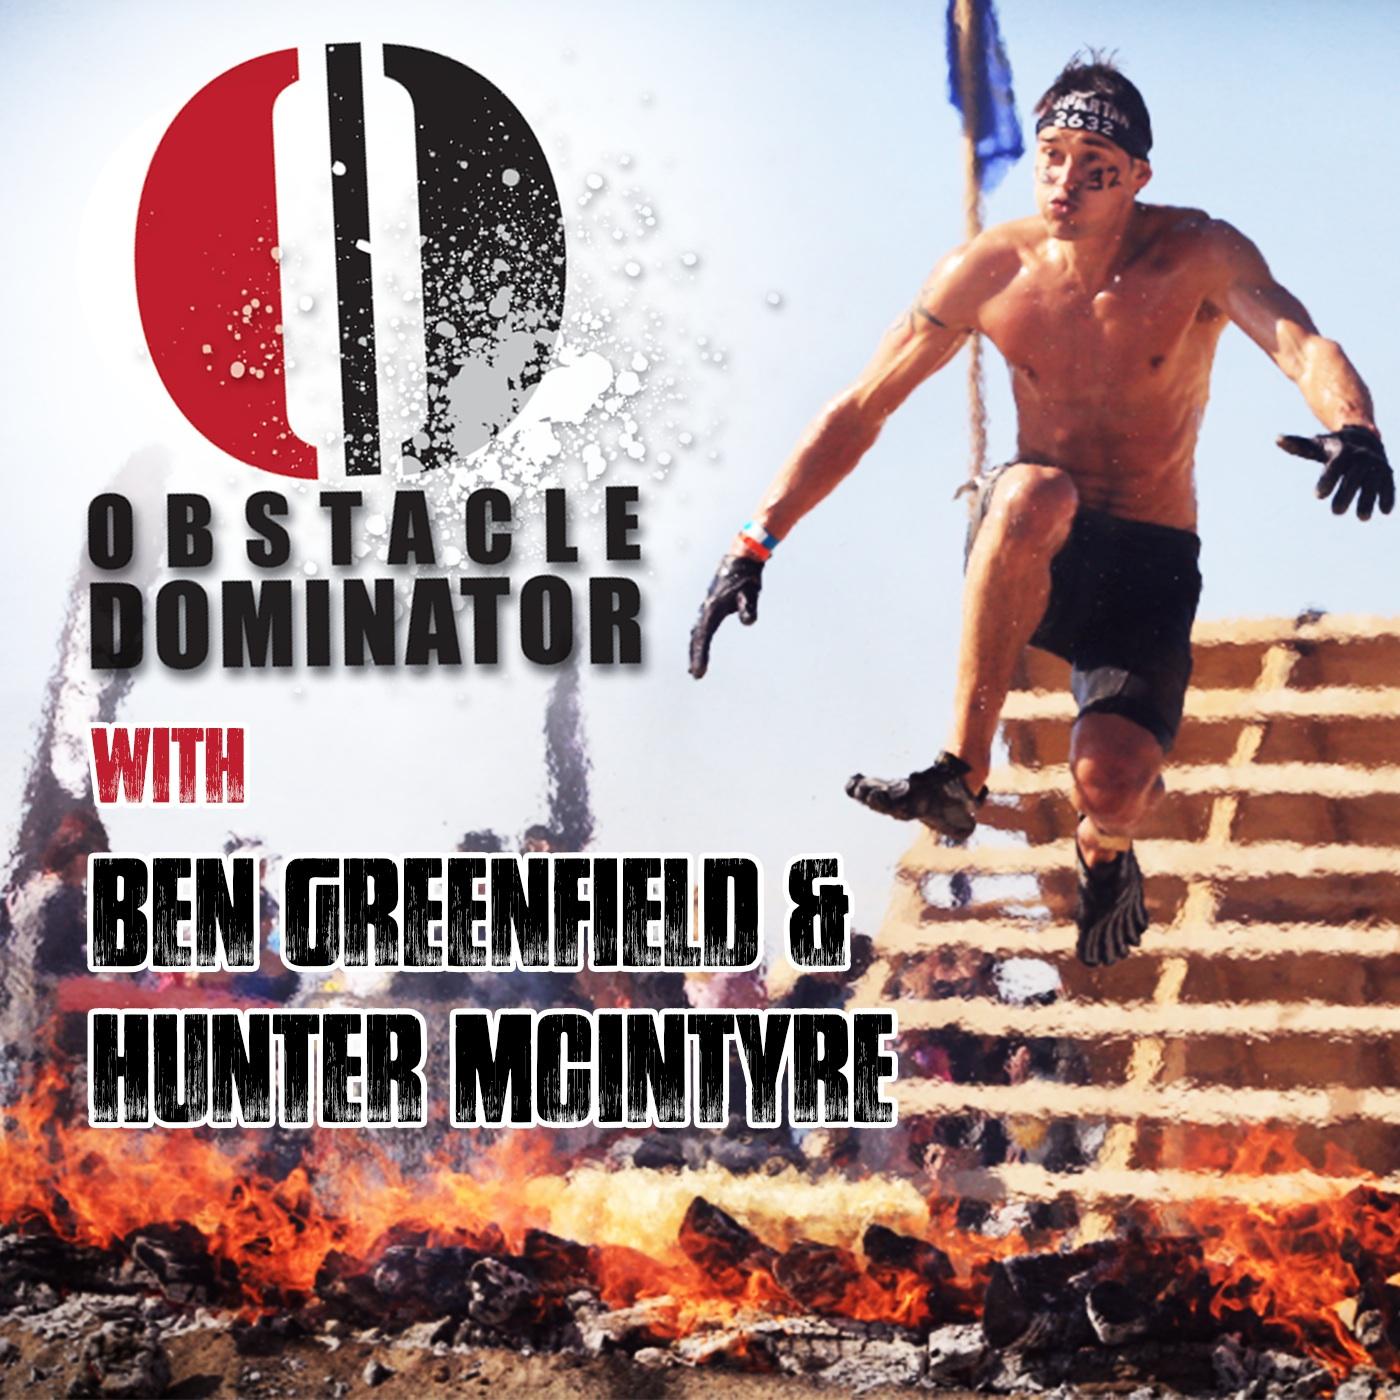 Obstacle Dominator logo